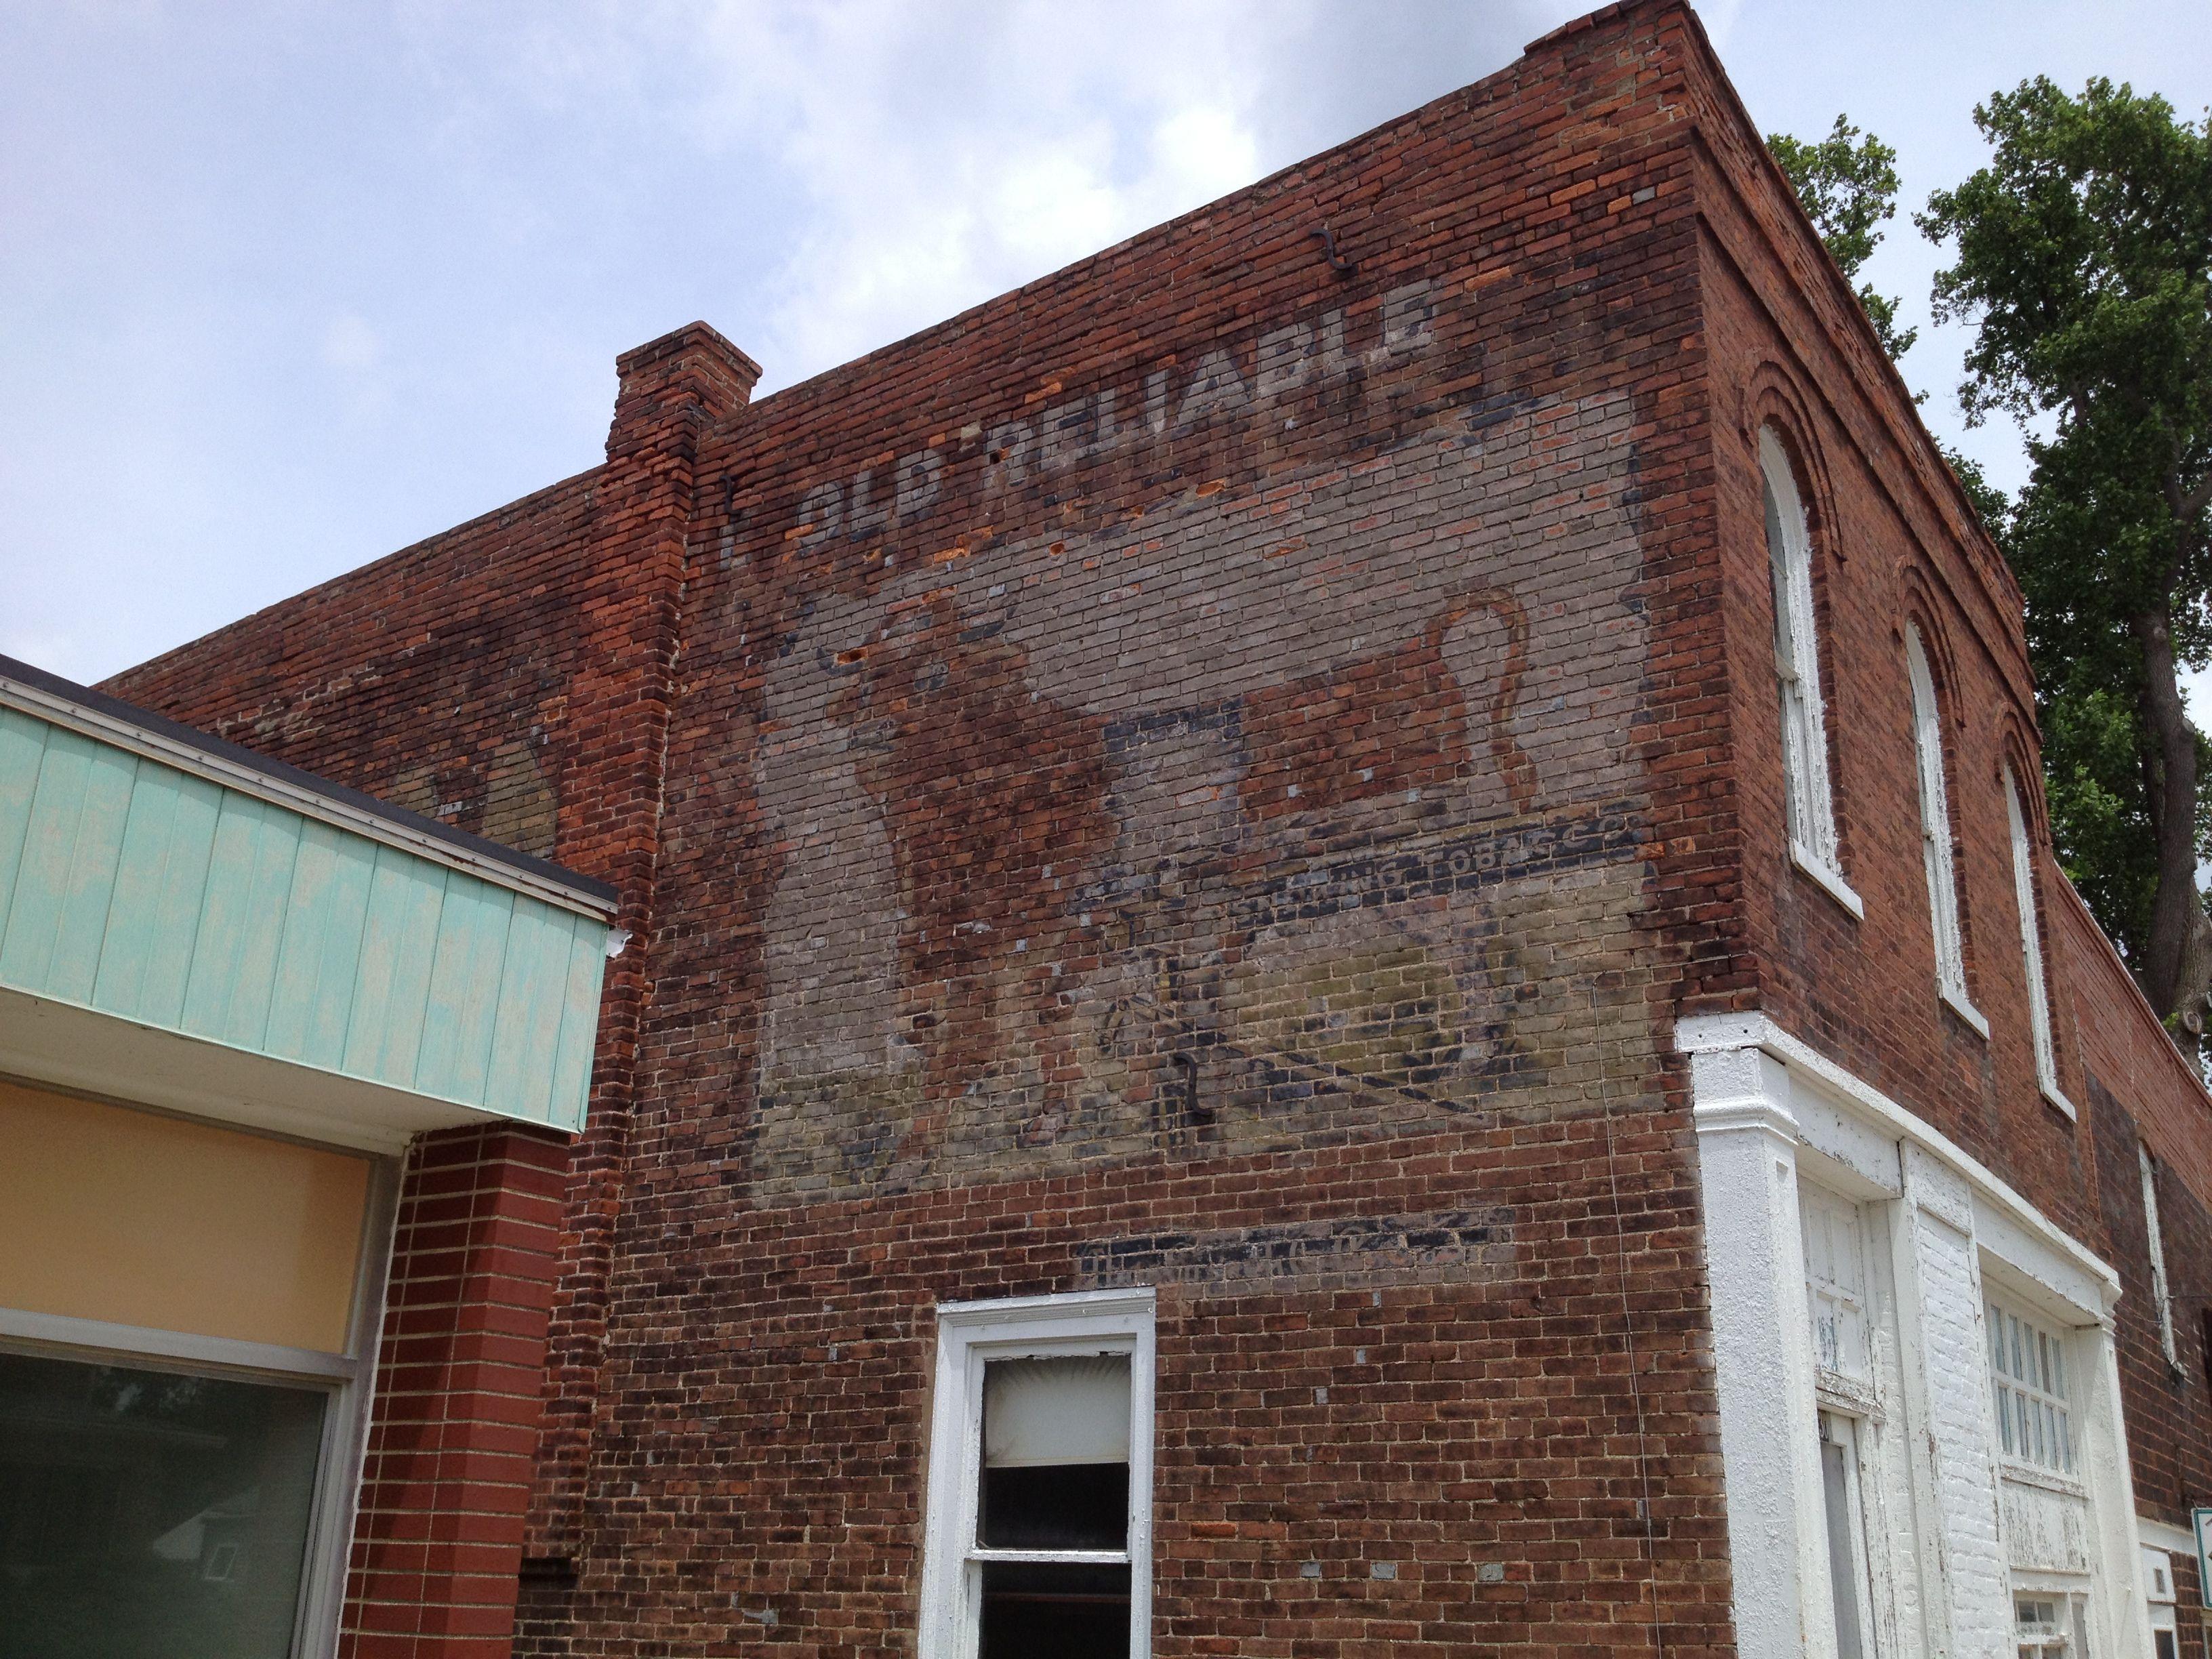 Illinois edgar county kansas - Bull Durham Mural Kansas Illinois